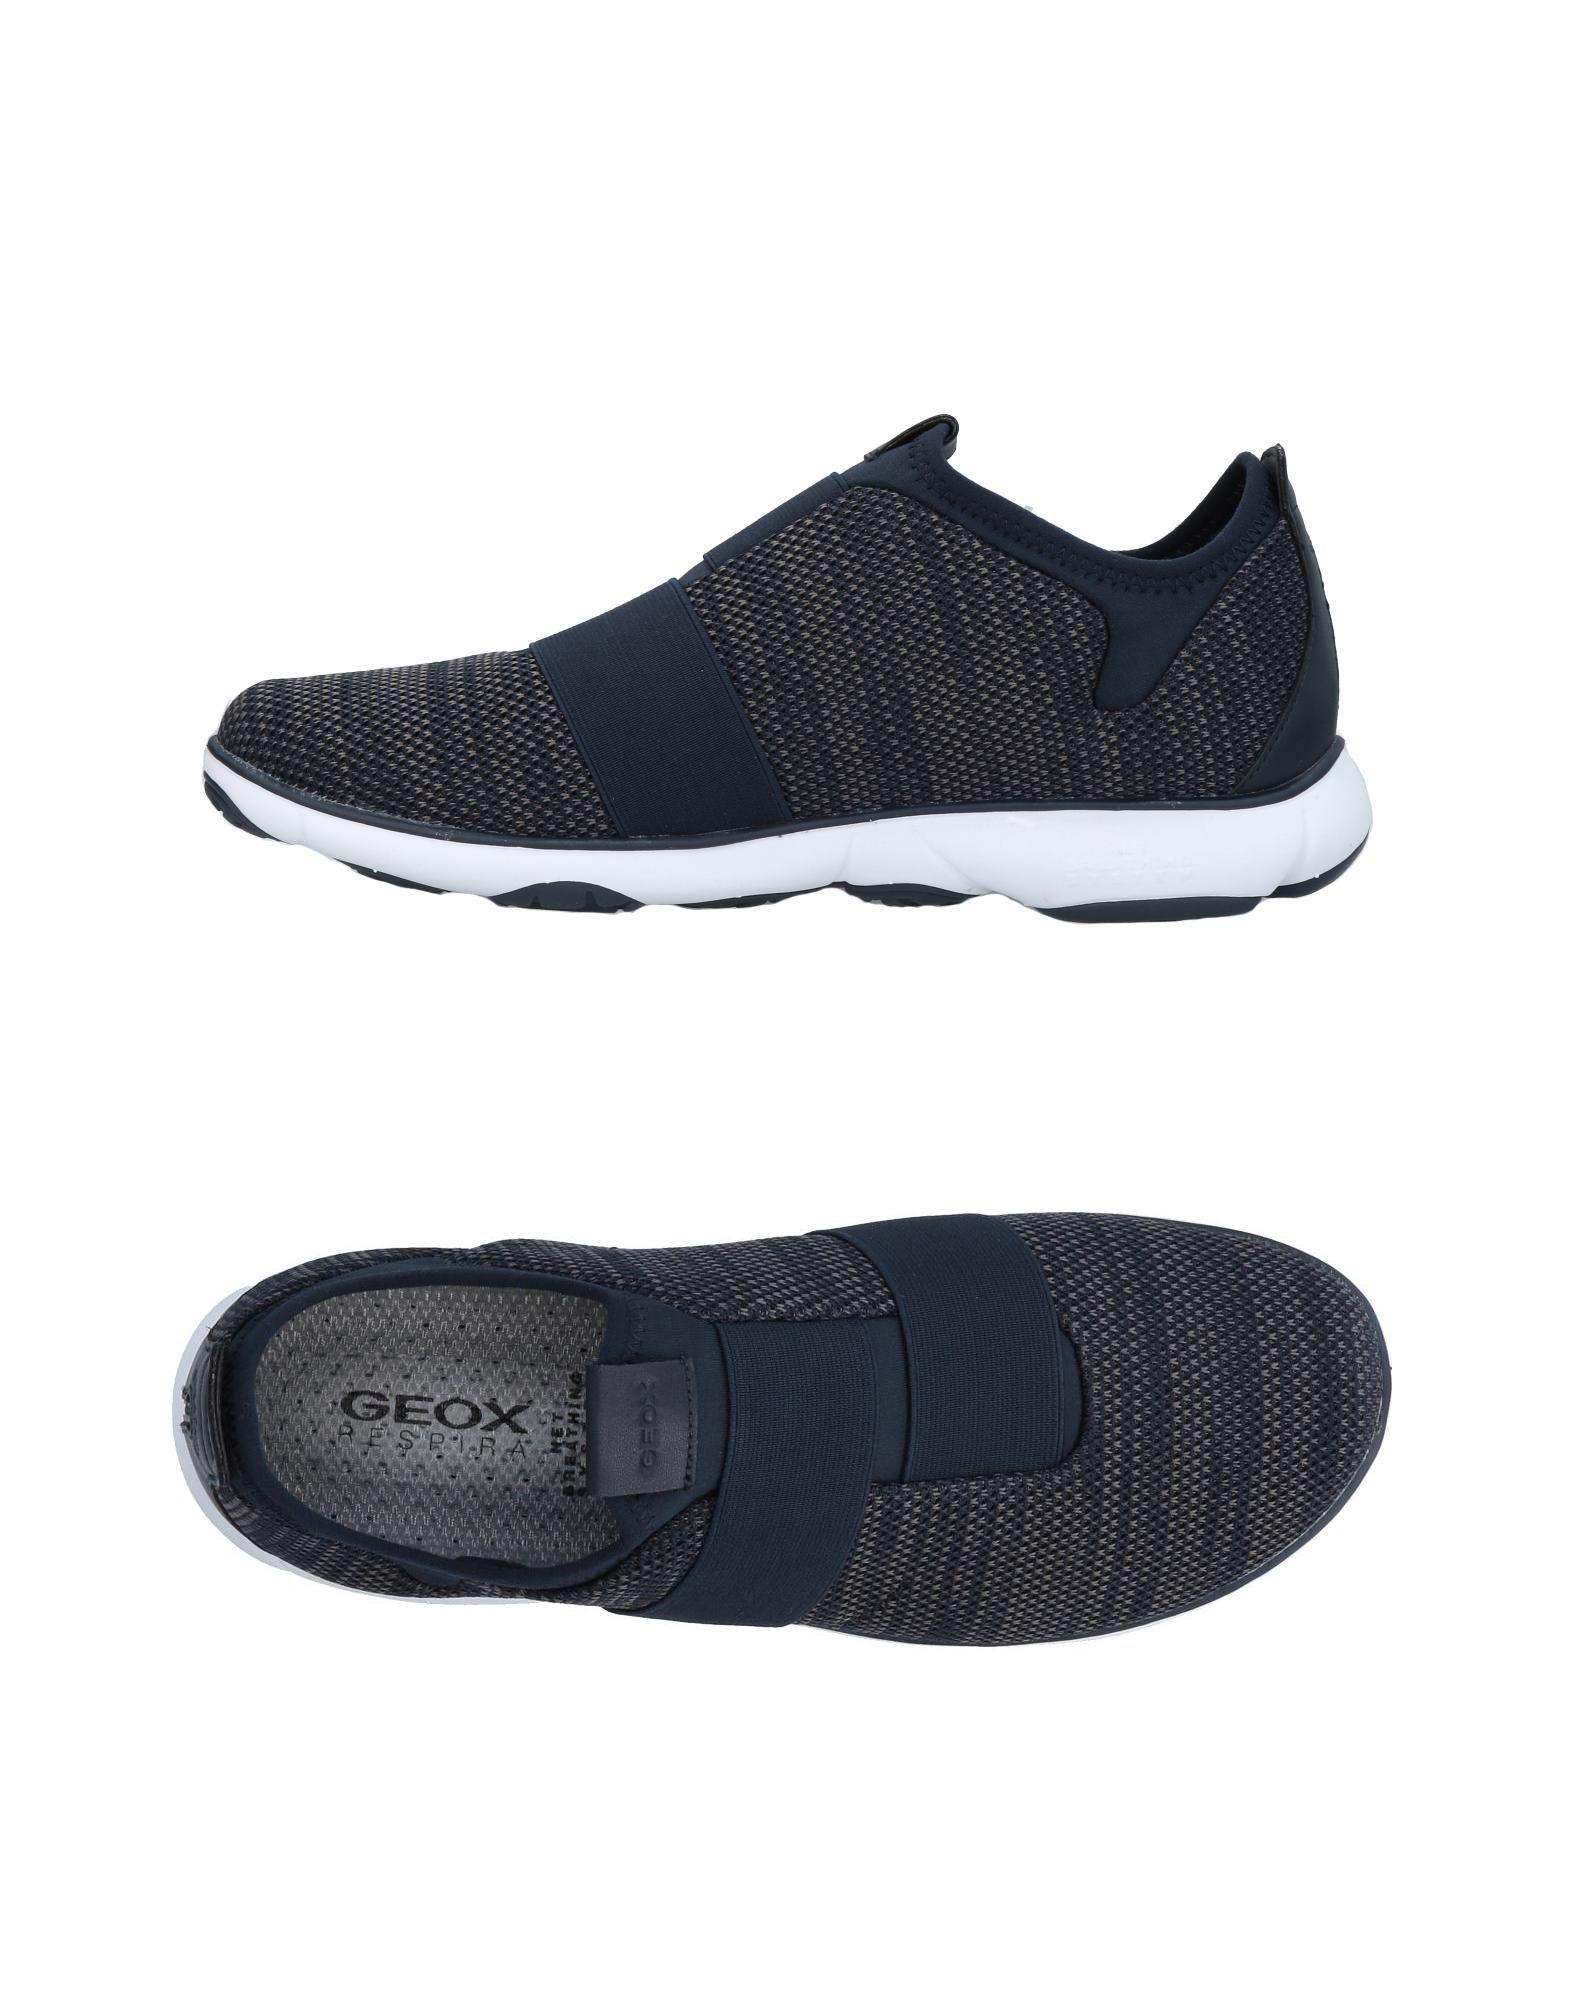 Geox Sneakers In Dark Blue